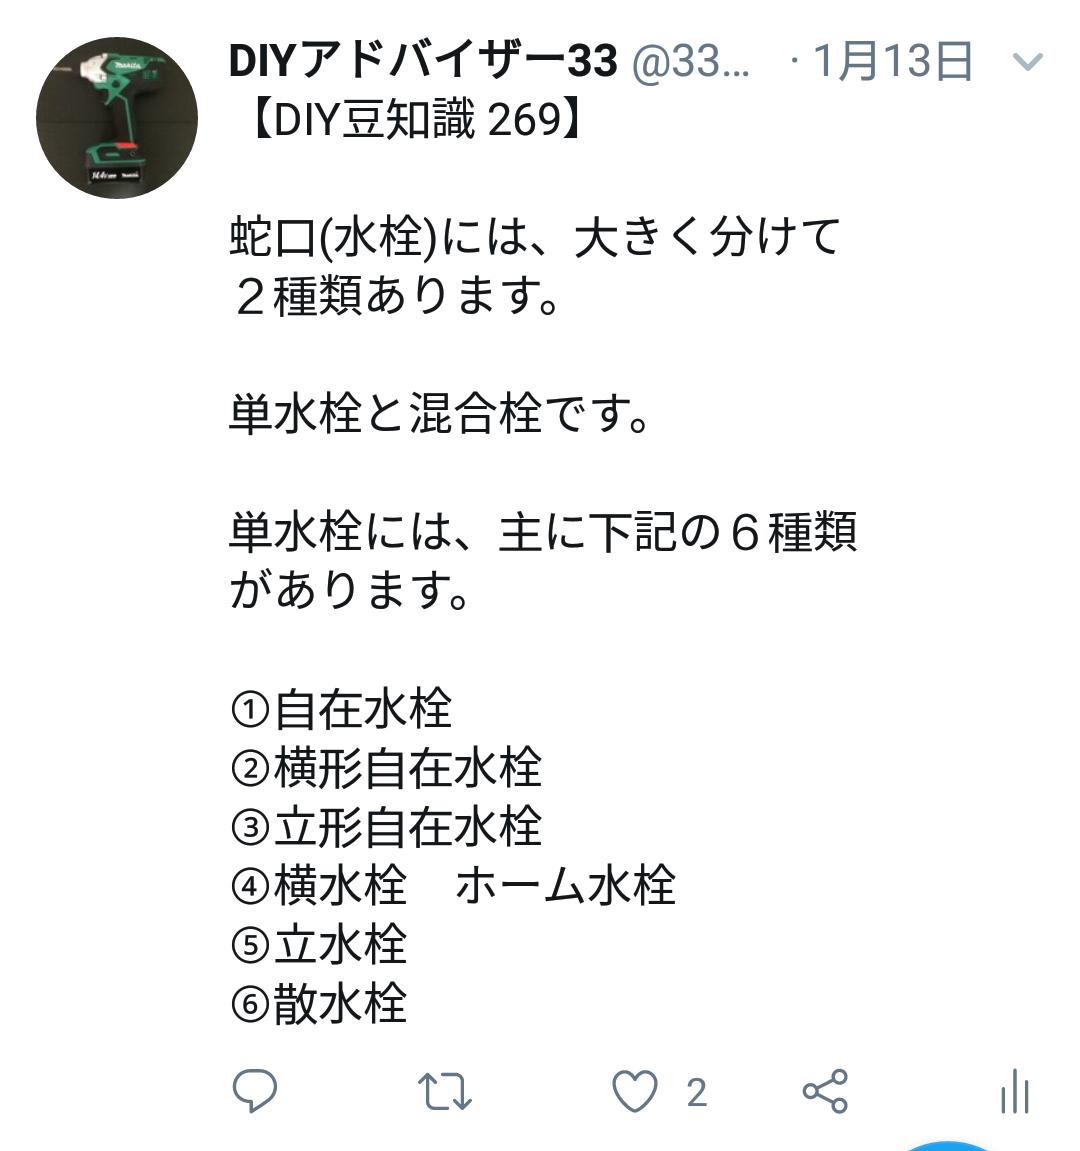 f:id:DIY33:20190409164431p:plain